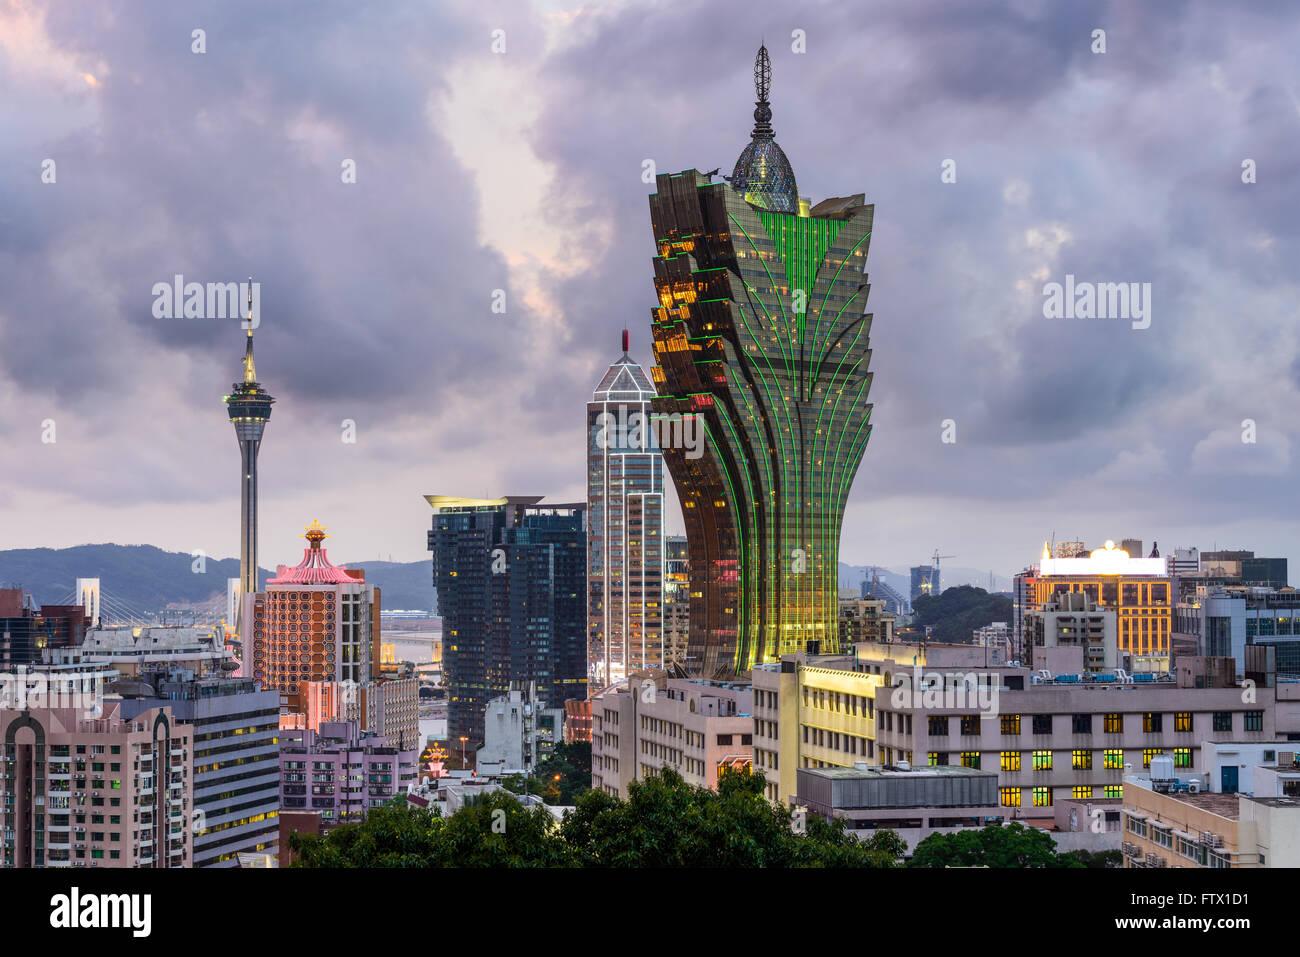 El horizonte de la ciudad de Macao, China. Imagen De Stock